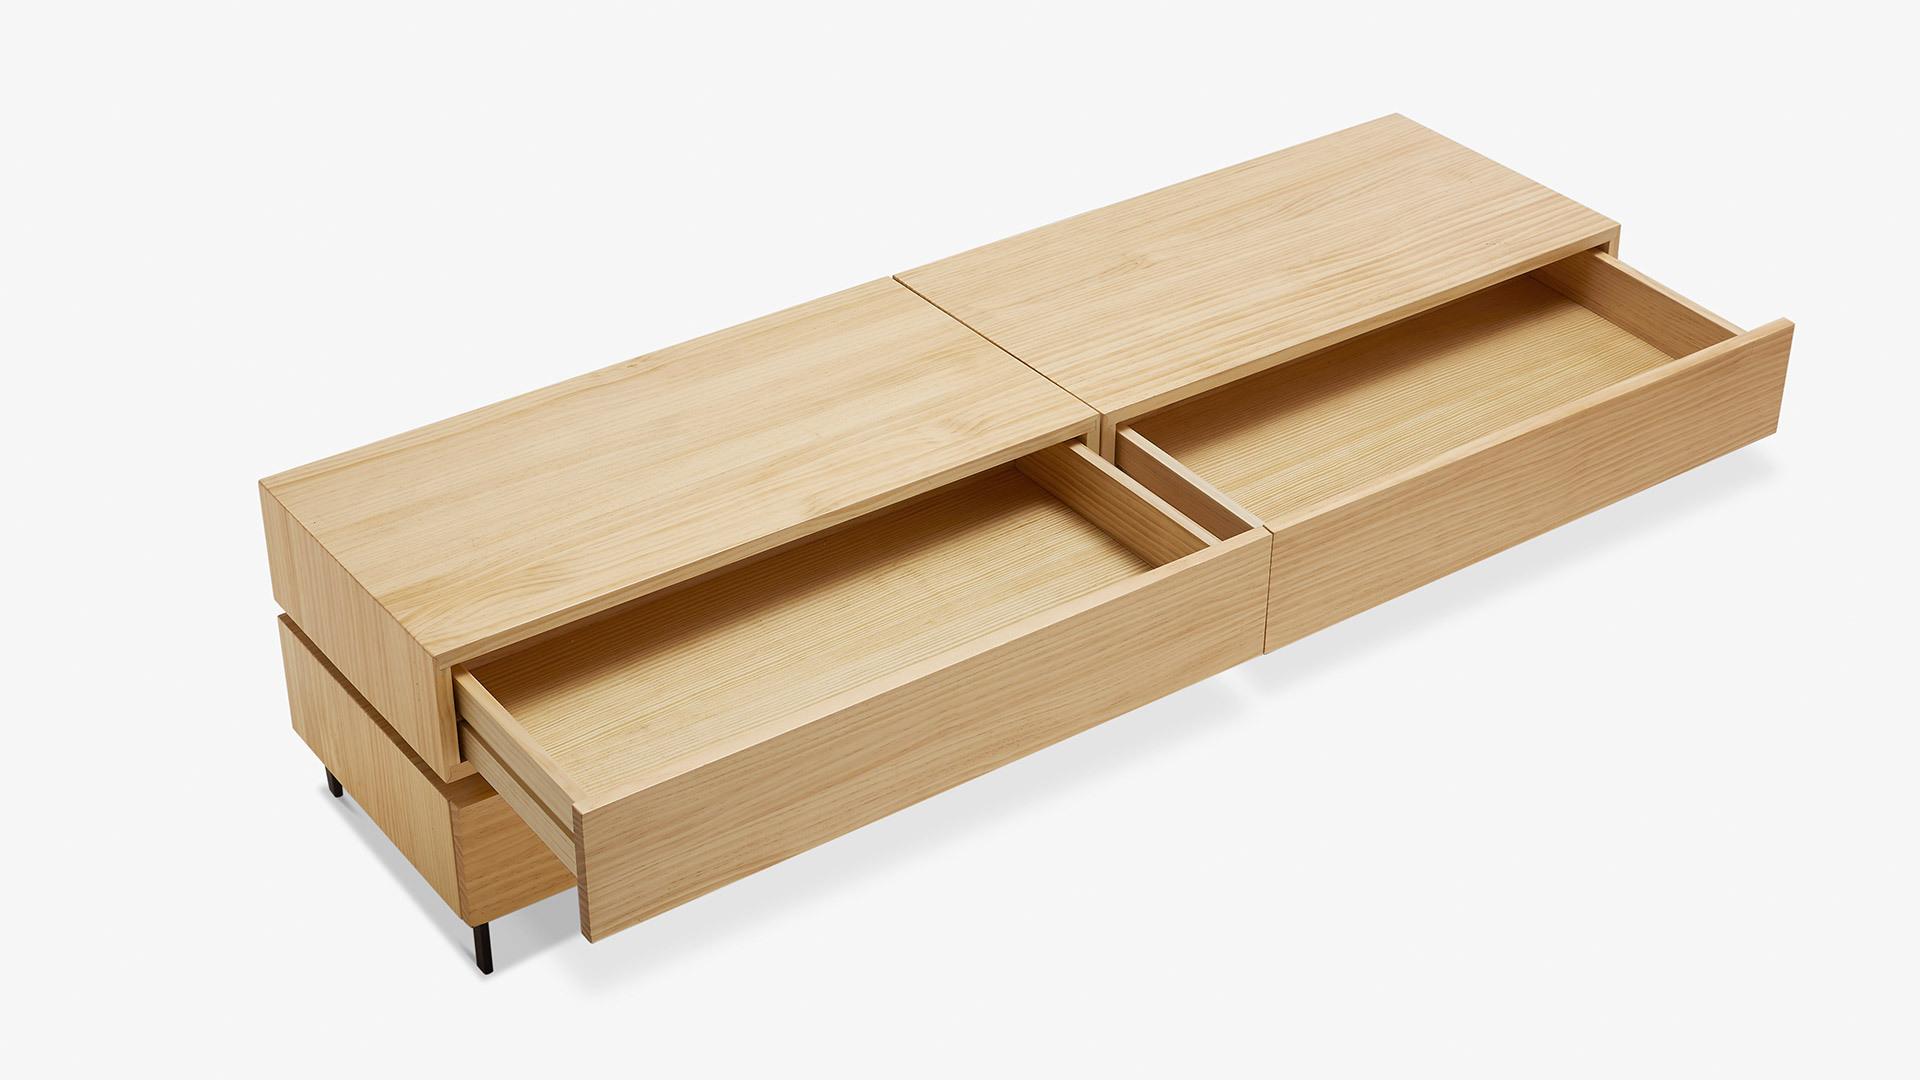 1柜1盒,让容积最大化<br/>单层可收纳更多